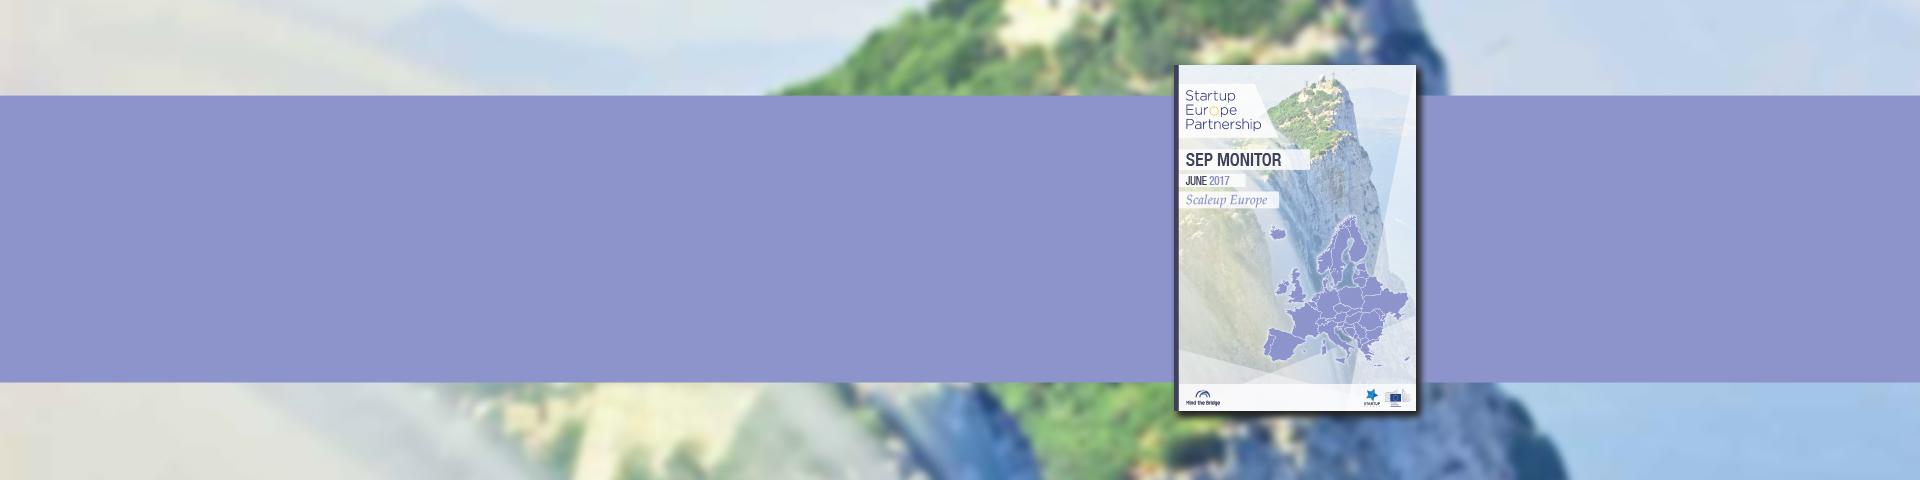 SEP-Monitor-Scaleup-Europe-slider-1